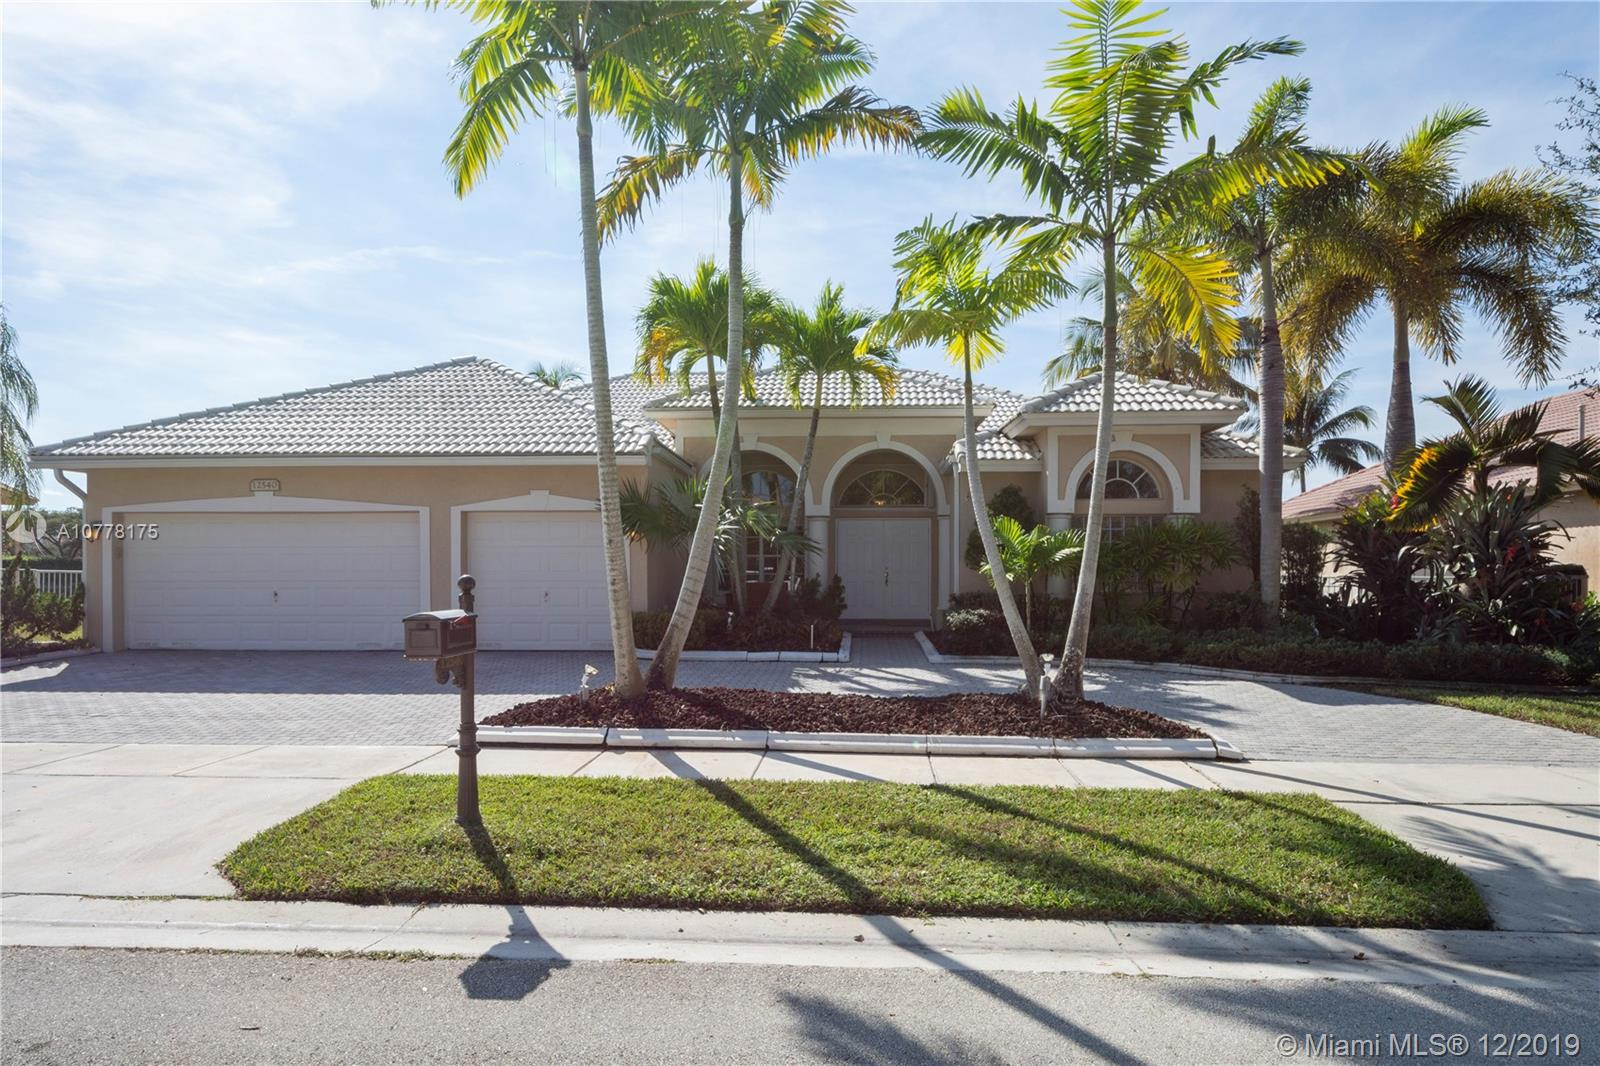 12540 NW 20th St, Pembroke Pines, FL 33028